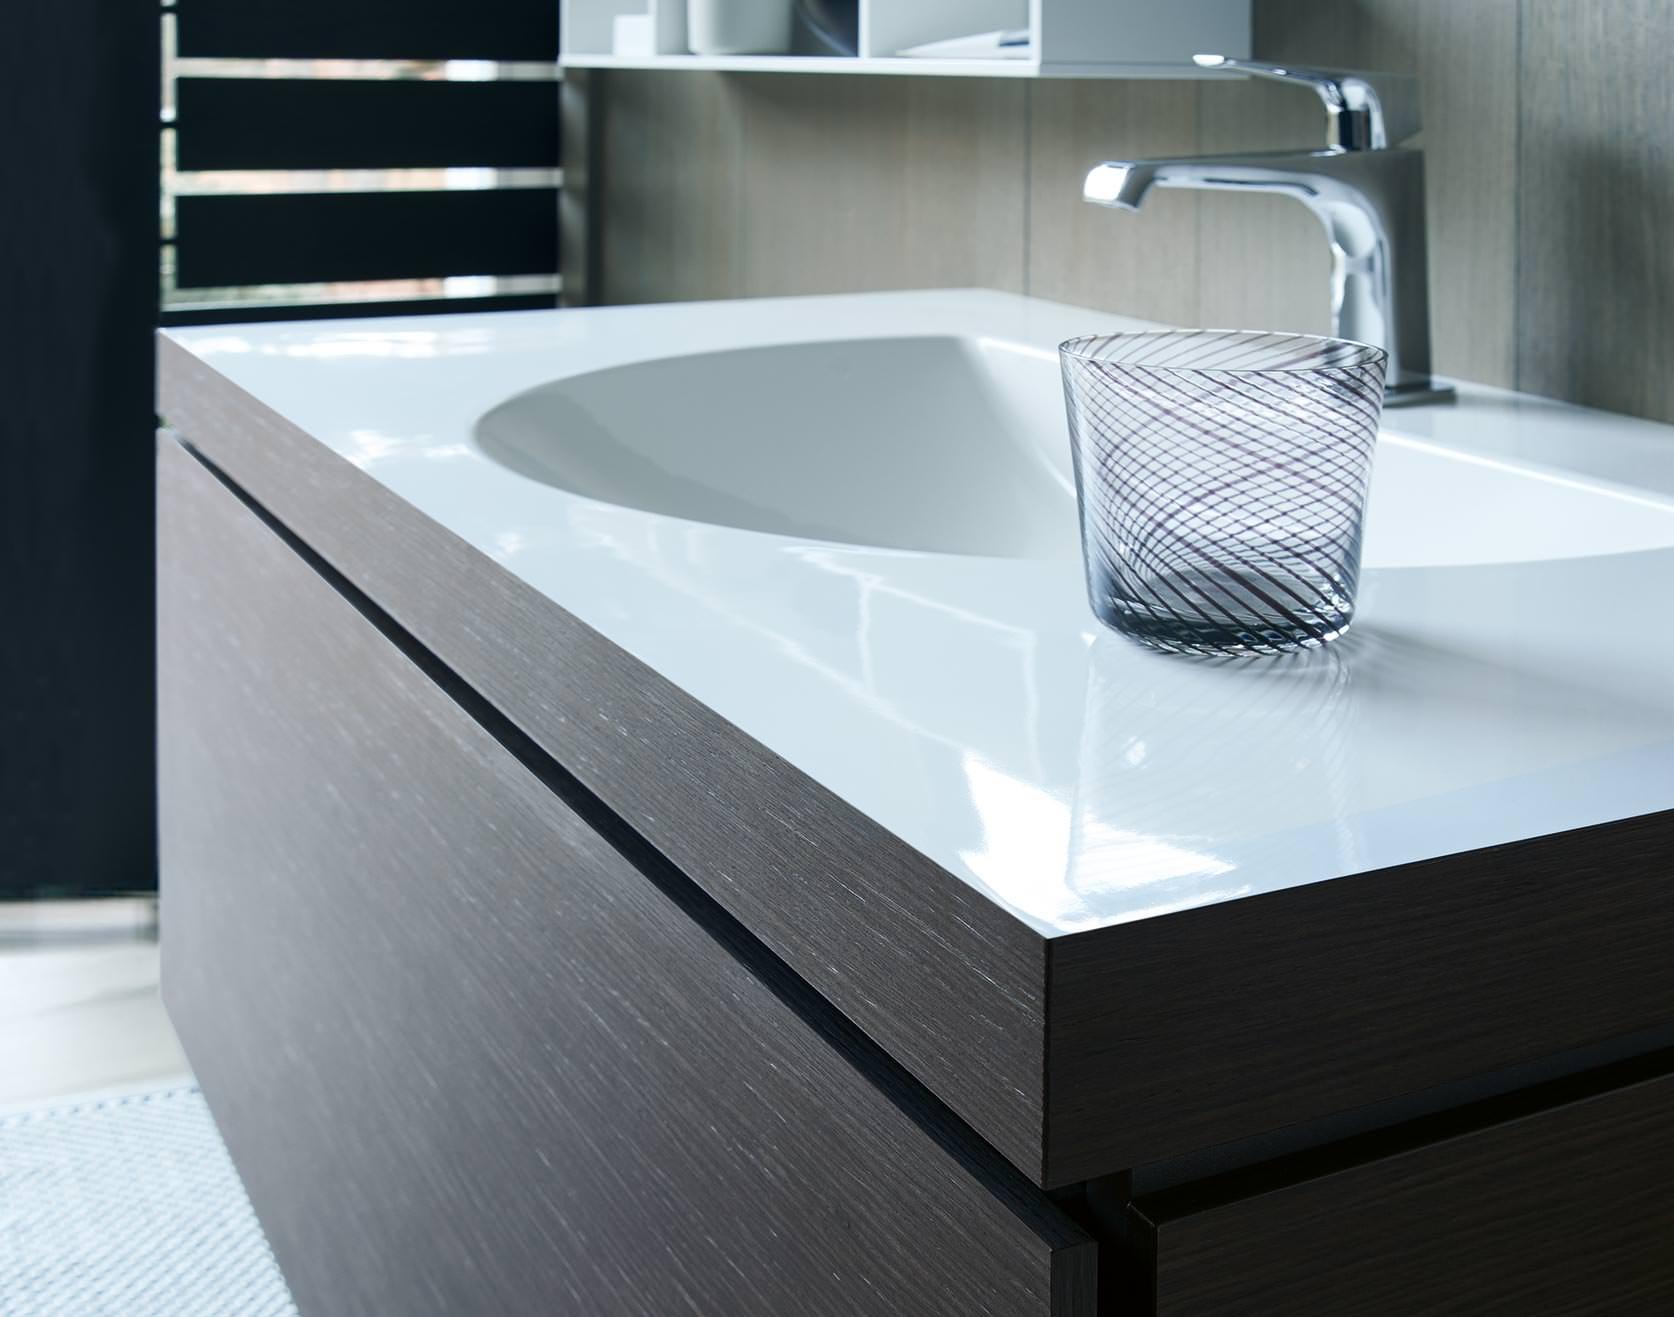 c bonded nahtlose verbindung von keramik waschtisch und. Black Bedroom Furniture Sets. Home Design Ideas